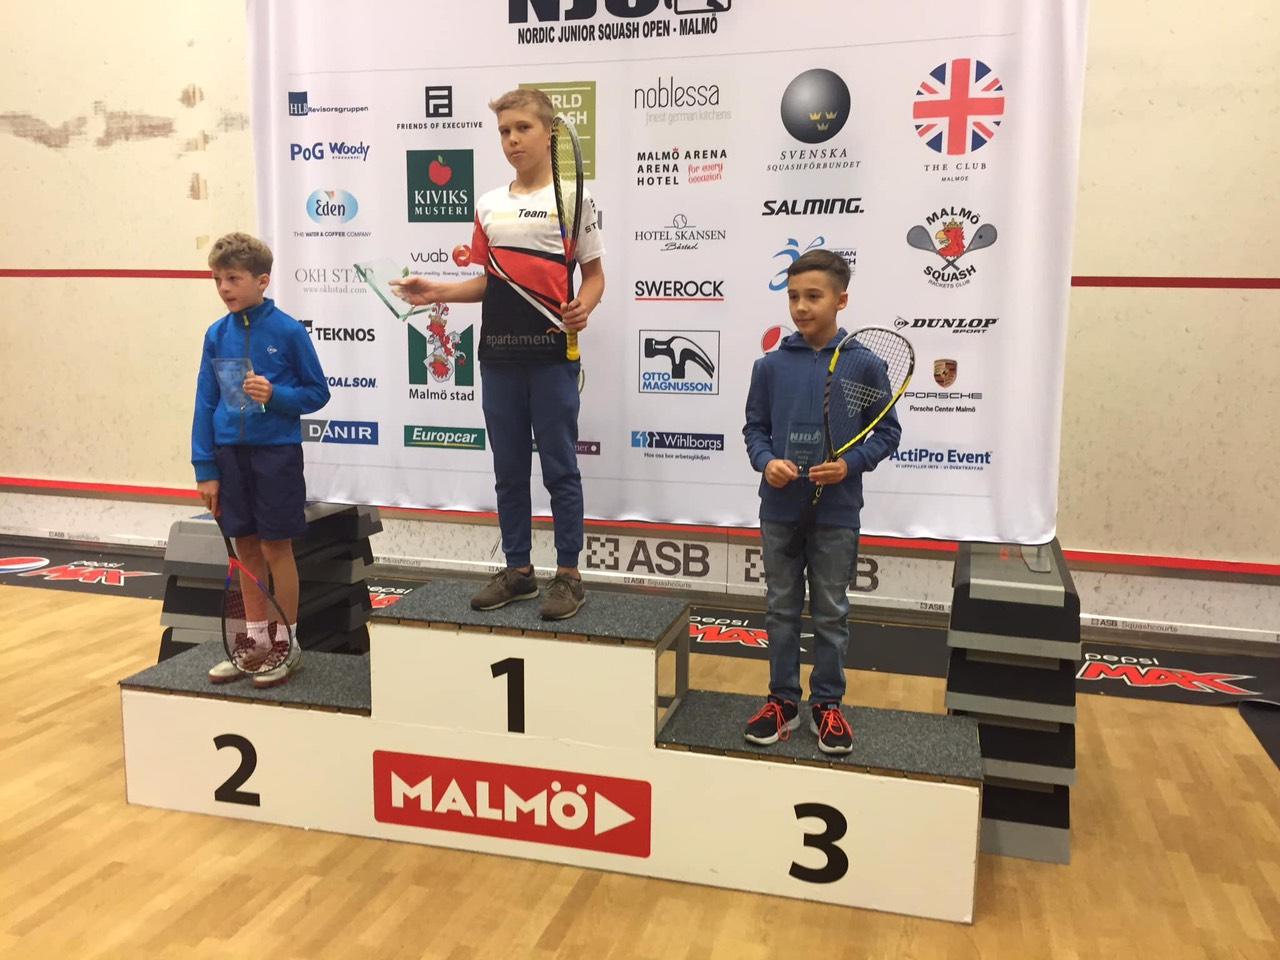 Бронза на Nordic Junior Squash Open 2019: первая медаль Заиченко на международном турнире!